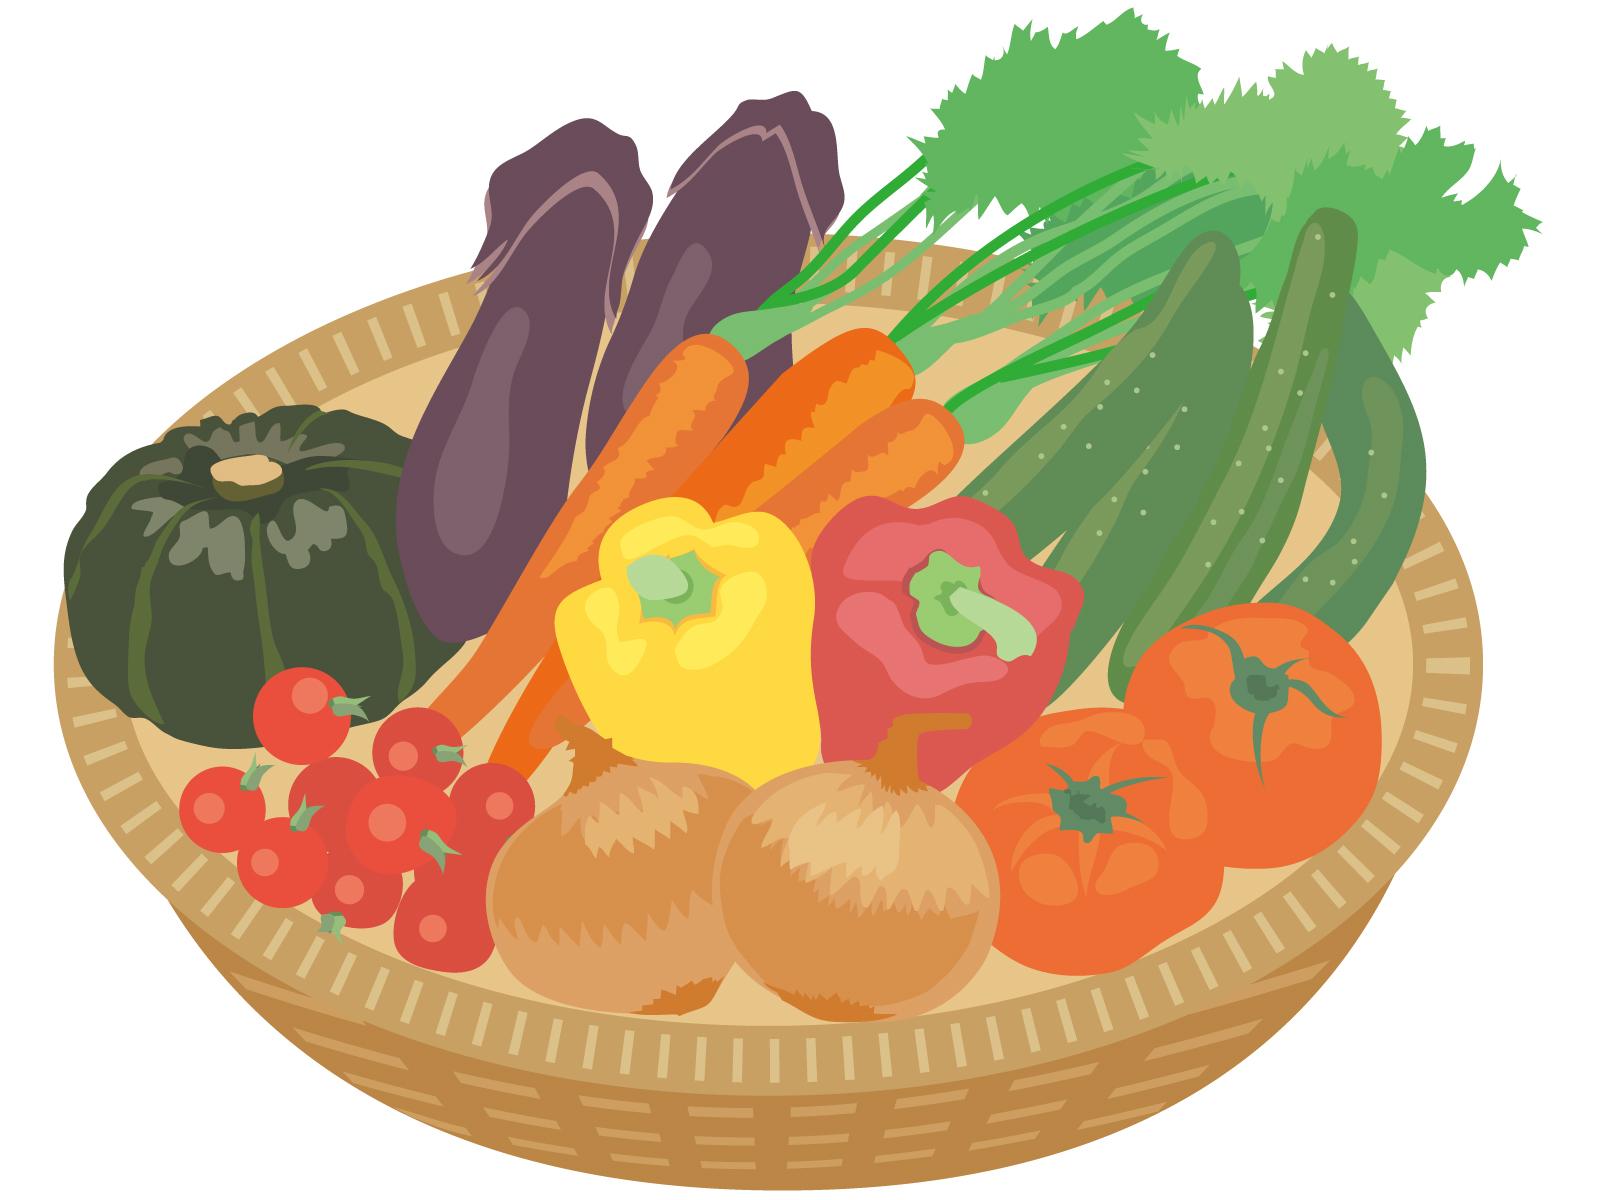 キャベツなどの野菜にはどれくらい糖質が含まれているのか